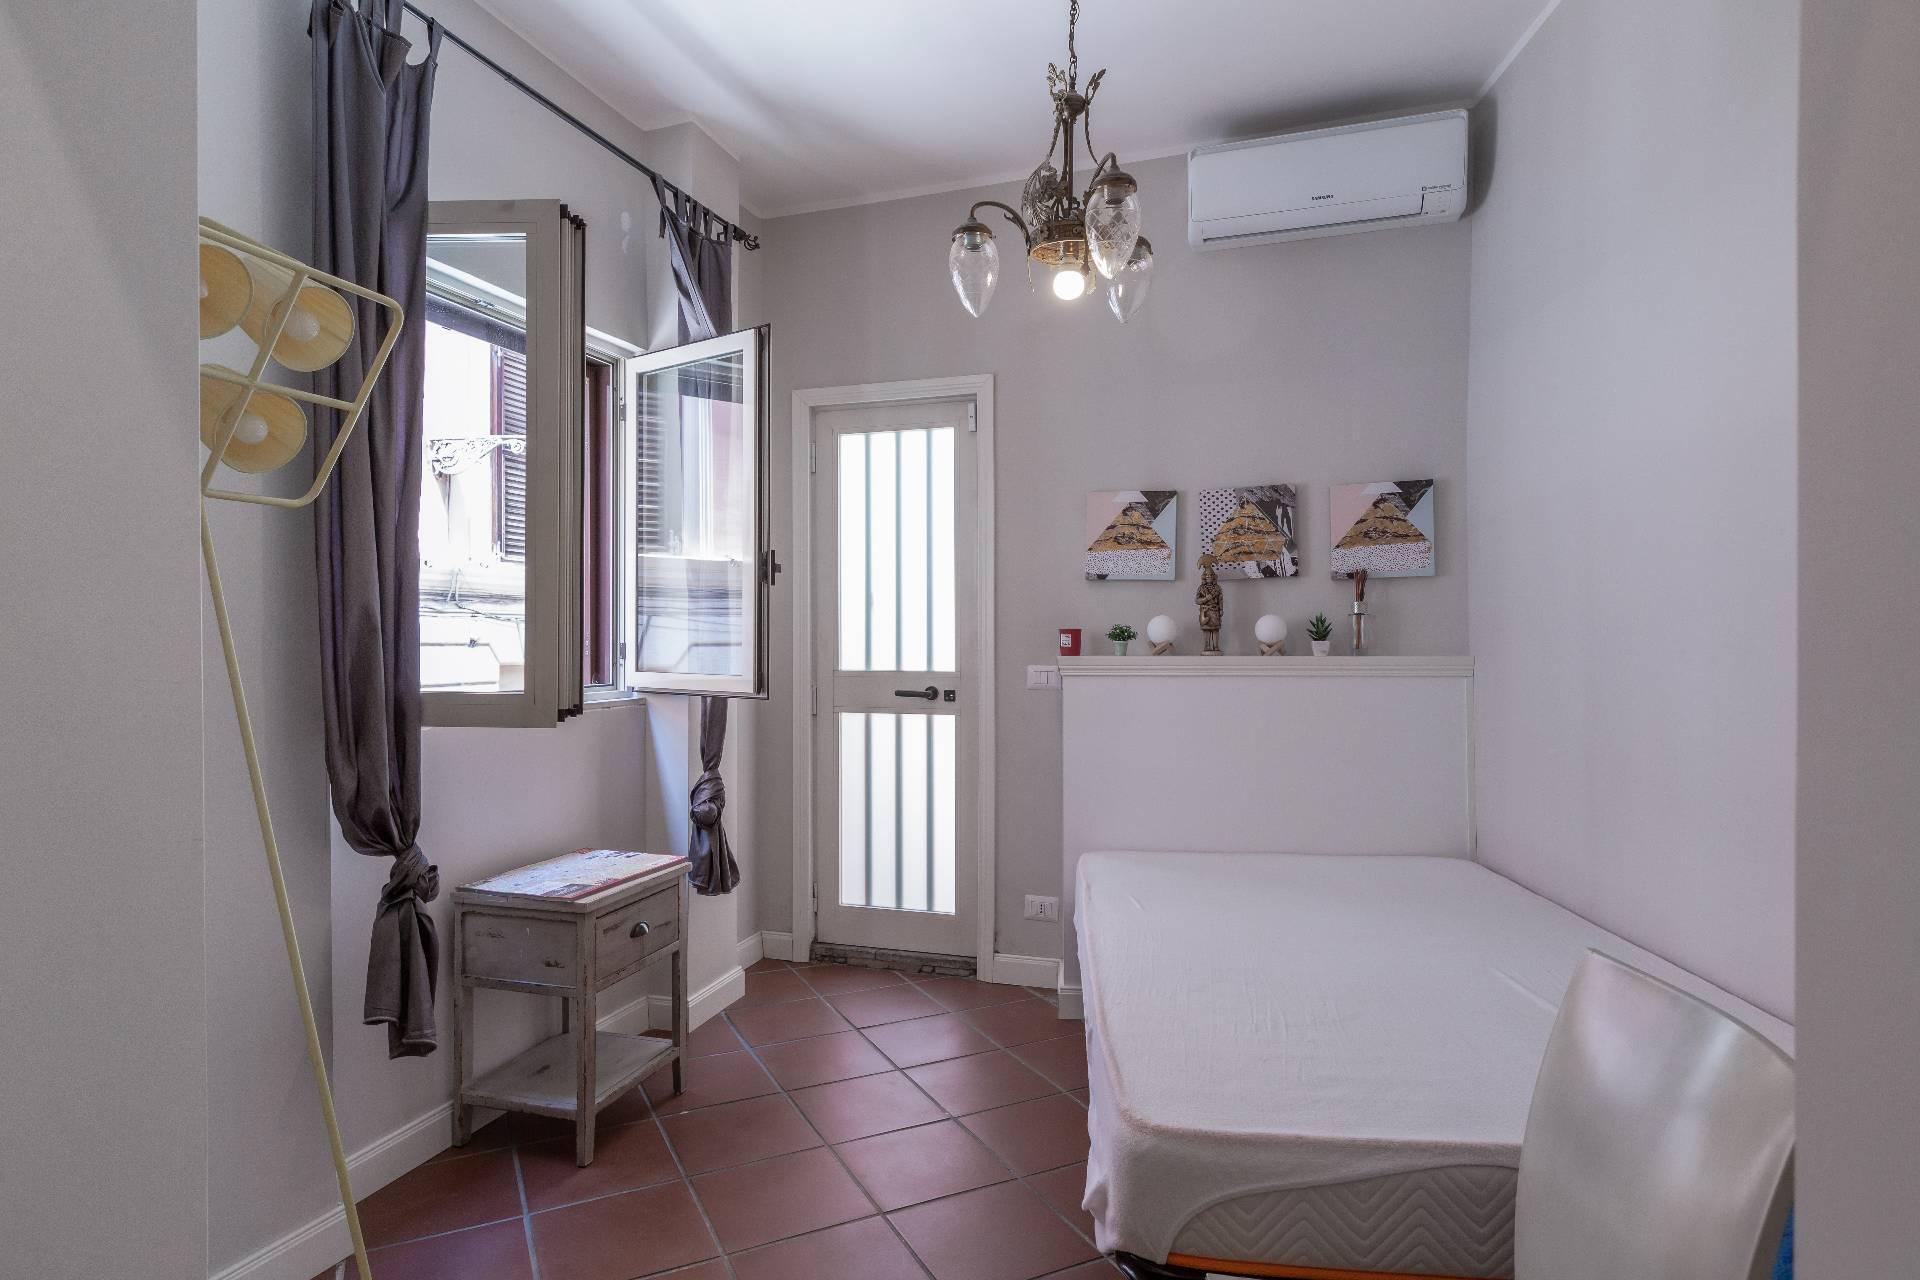 Casa indipendente in Vendita a Roma: 3 locali, 66 mq - Foto 9